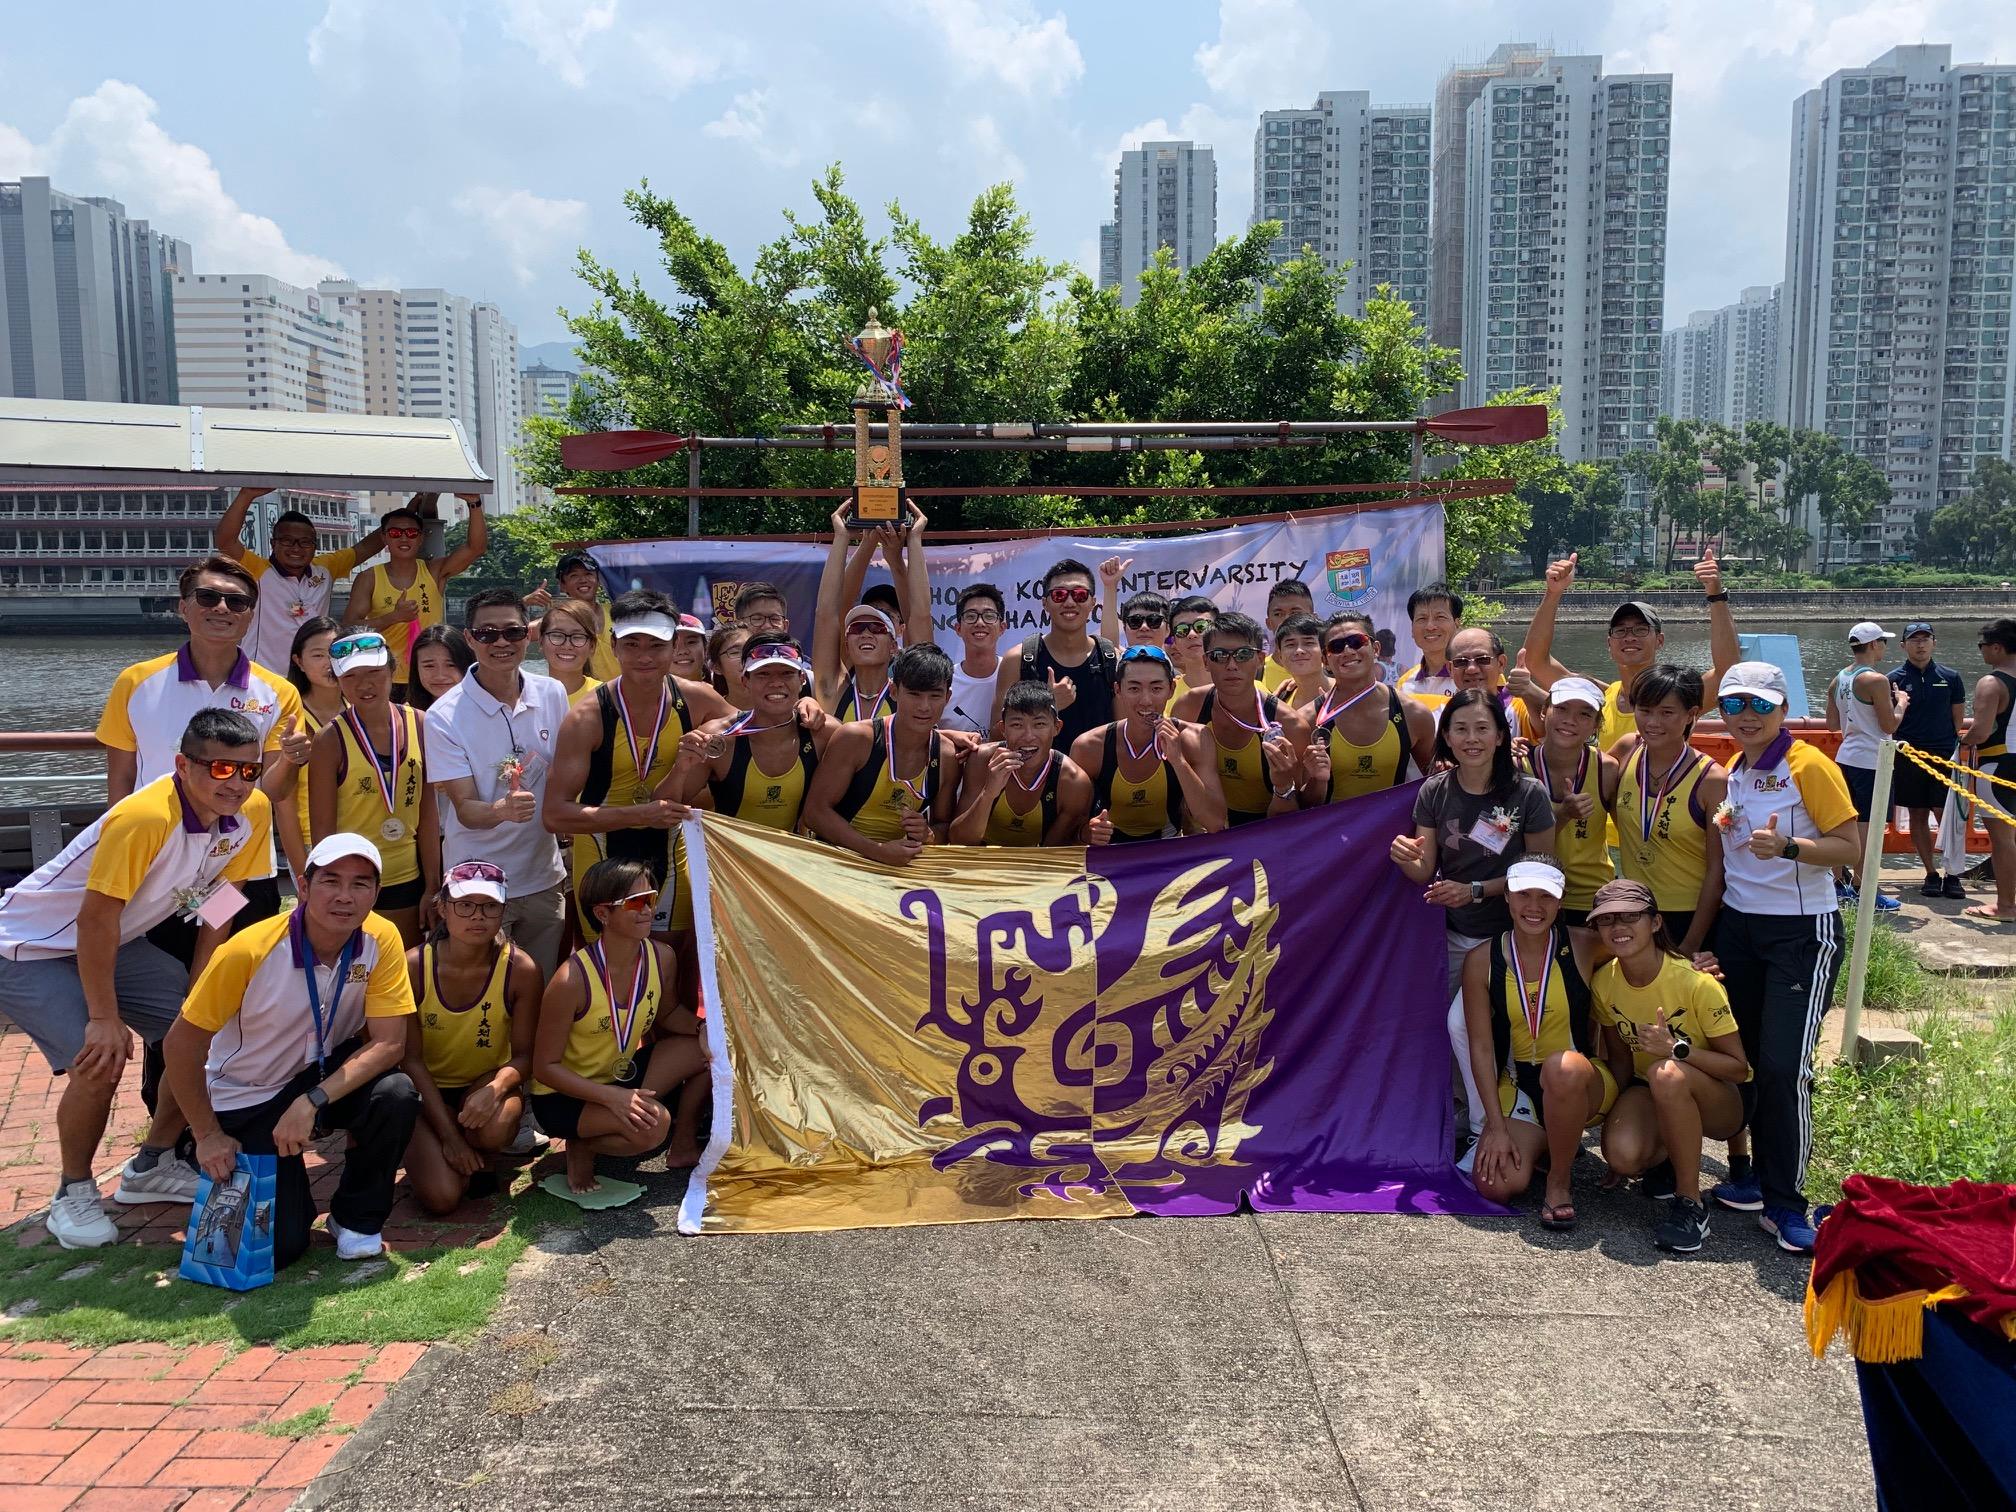 The 33rd Hong Kong Intervarsity Rowing Championships